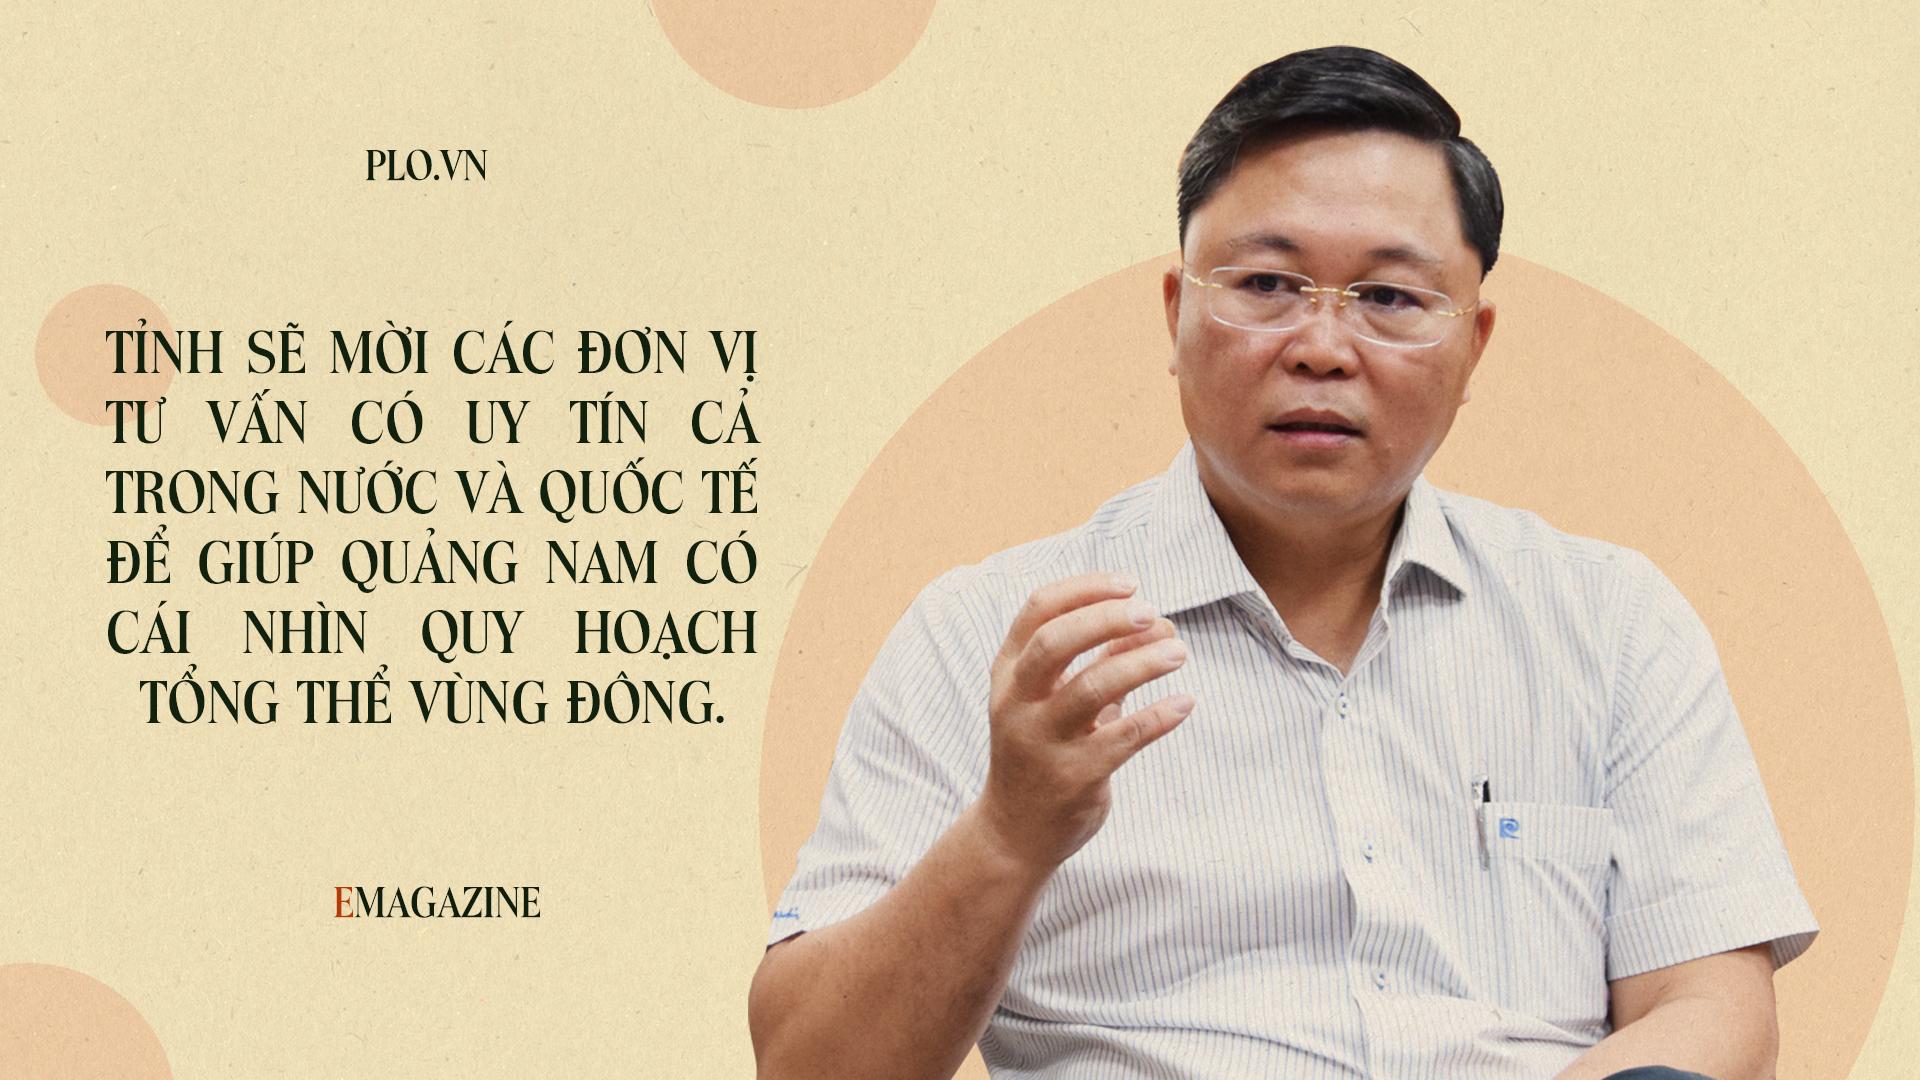 Emagazine: Chủ tịch Quảng Nam và 4 điểm nhấn phát triển - ảnh 10